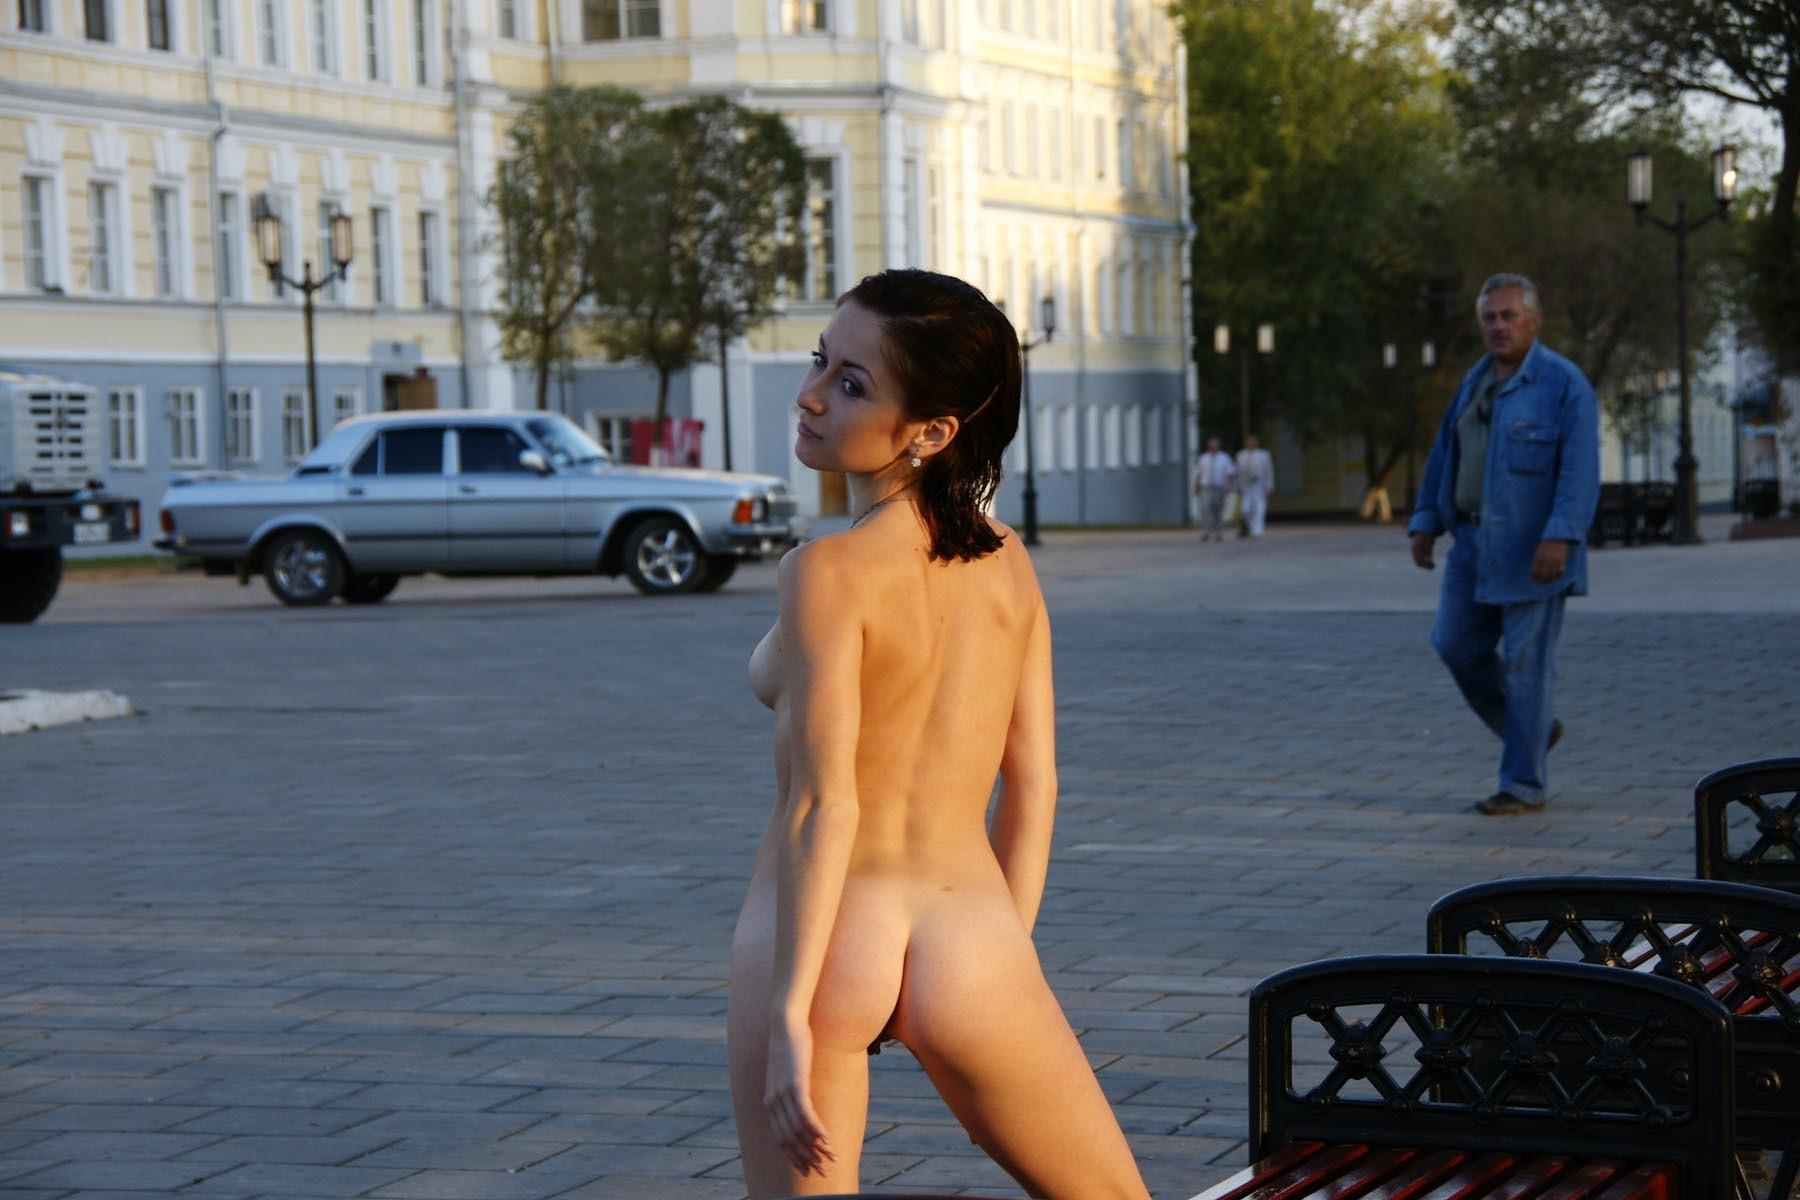 Женщина без стеснения гуляла голой по чужому городу